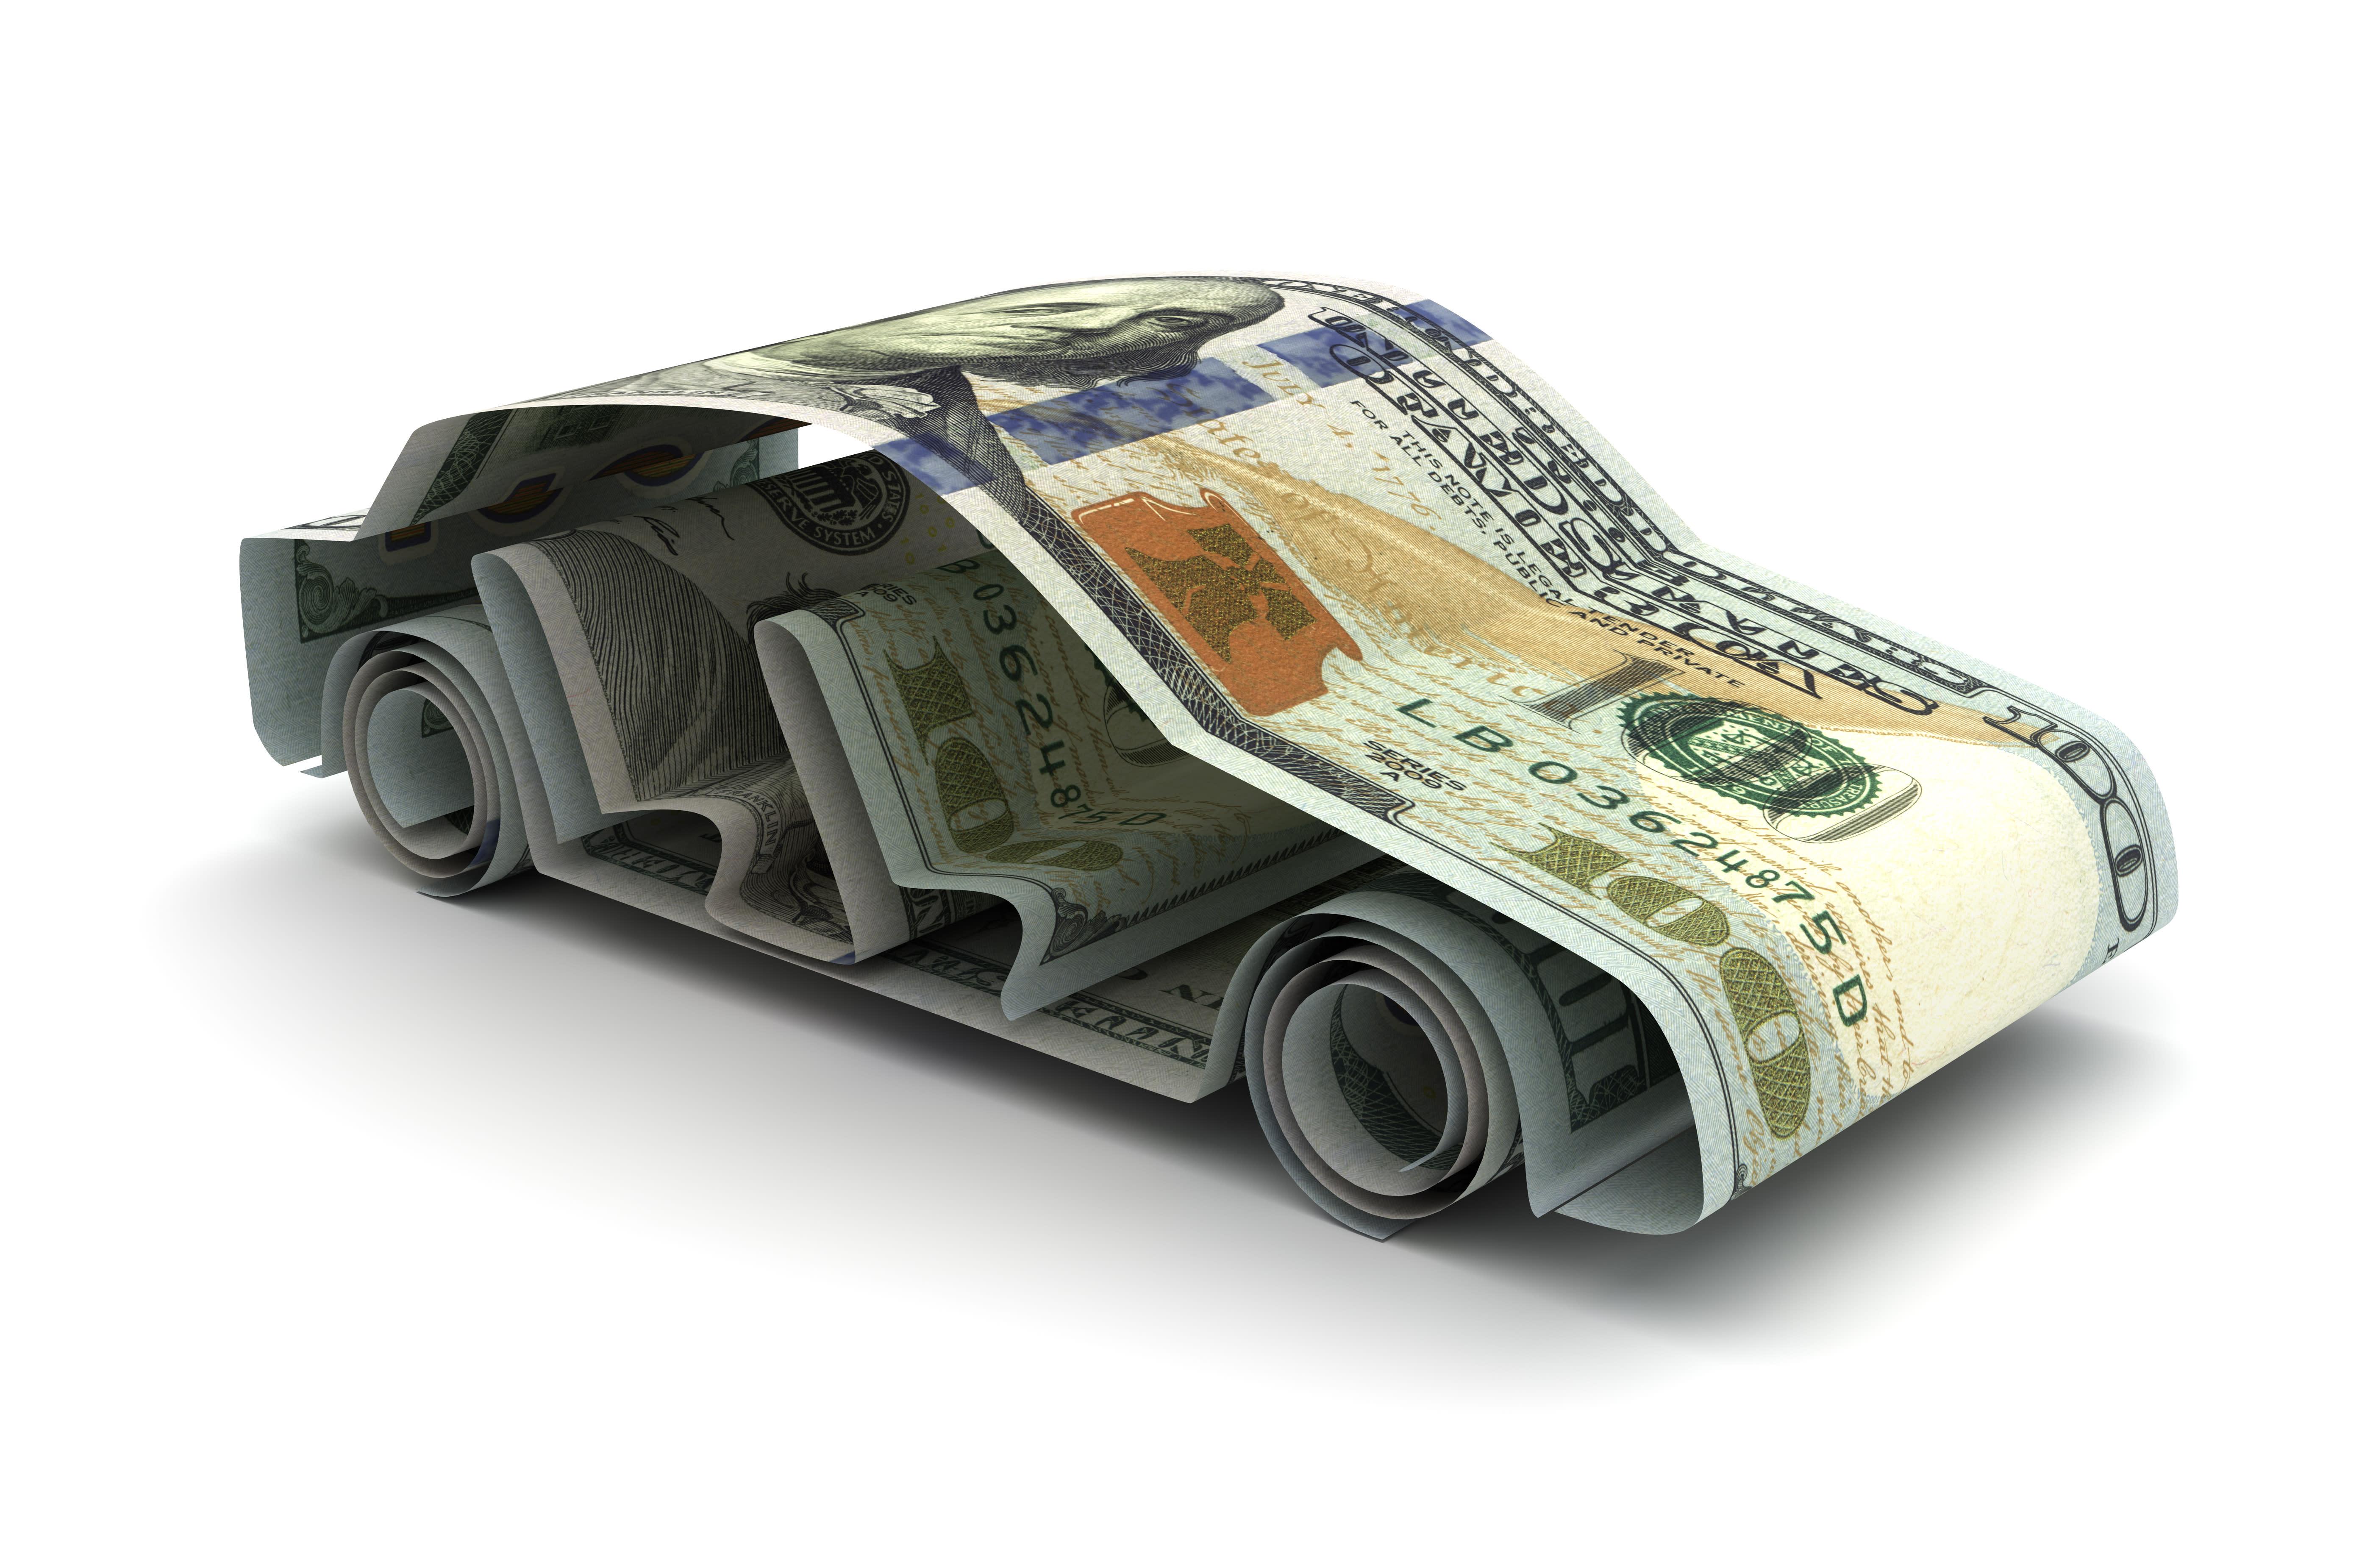 избранные картинка на рабочий стол картинка машина из денег одном